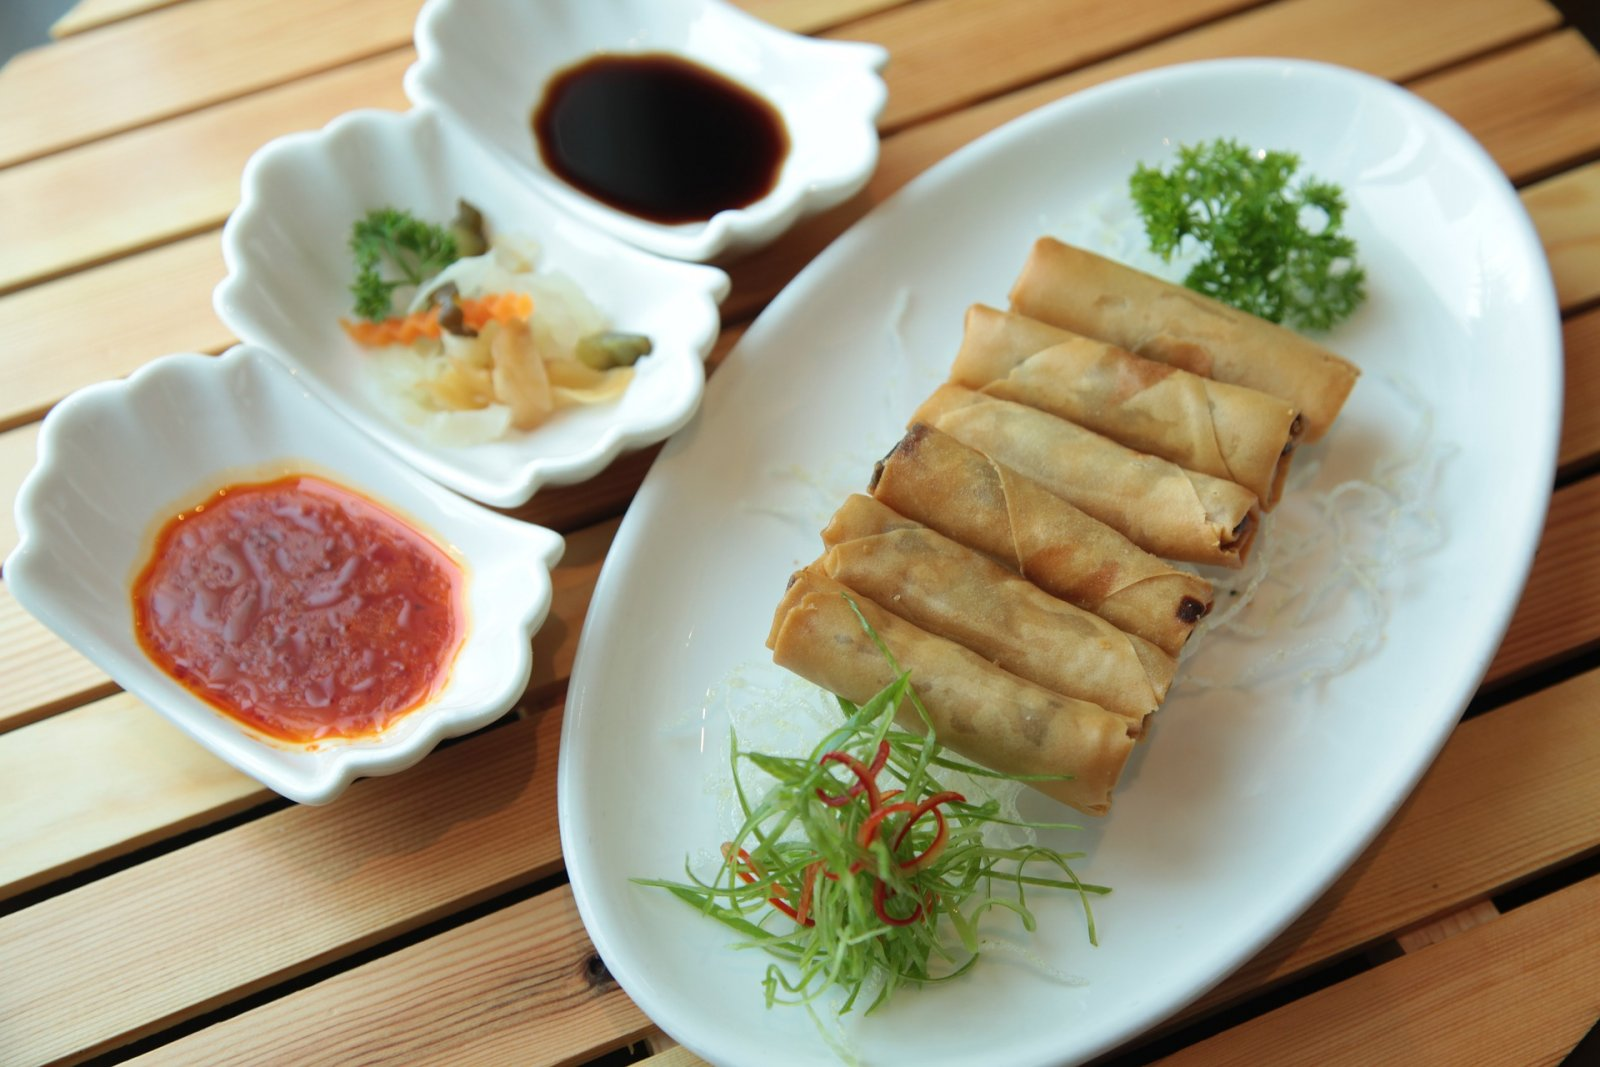 El menjar xinès conté umami, motiu pel qual genera benestar inicial però posteriorment sensació de gana